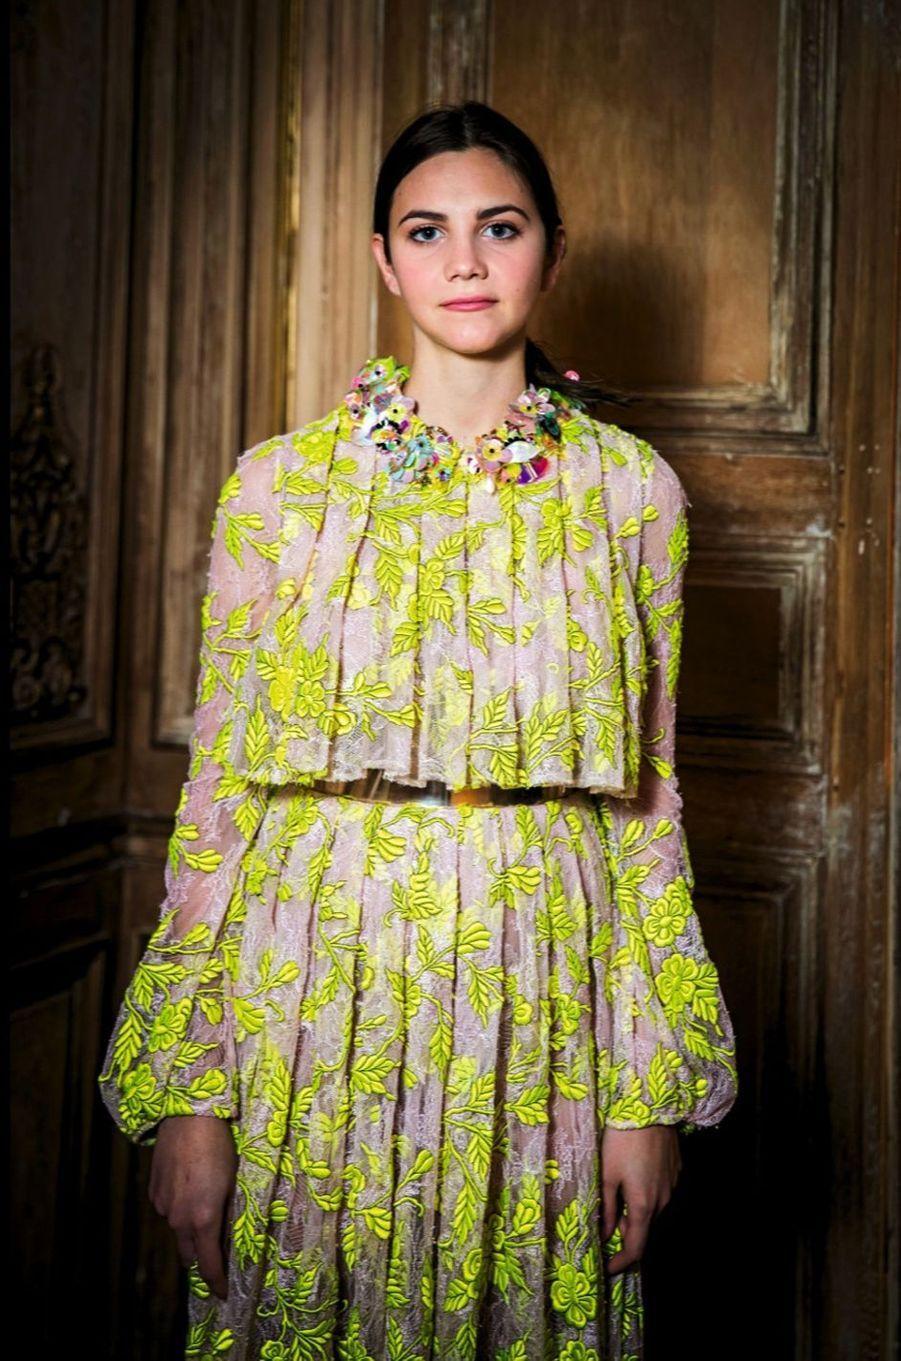 Maïa Twombly sera à la rétrospective de Cy Twombly, son grand-père, le 30 novembre au Centre Pompidou.